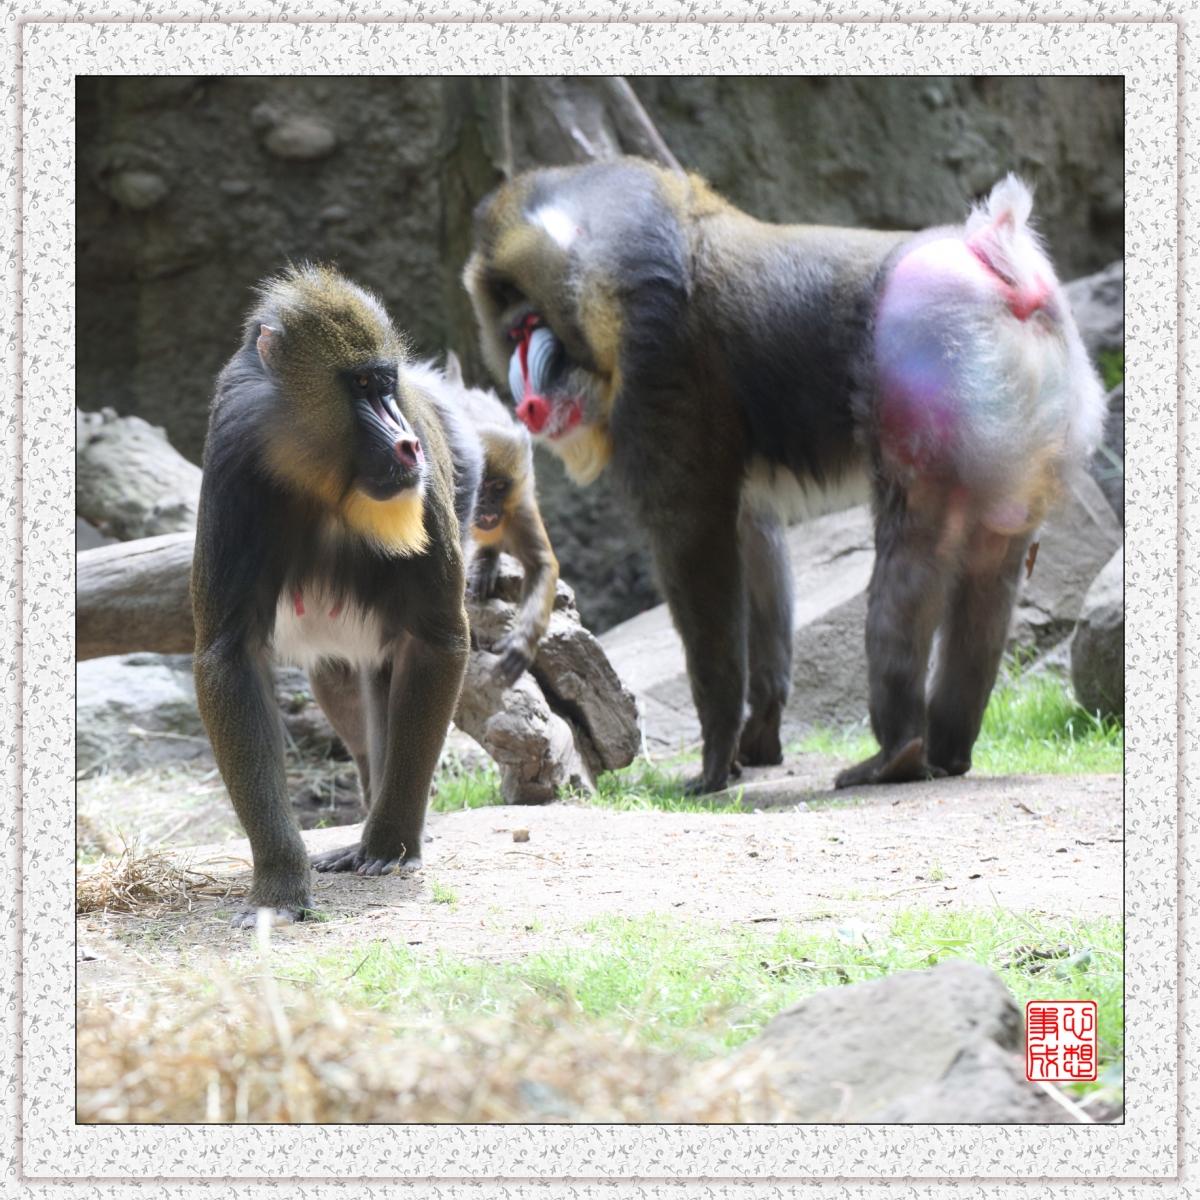 【心想事成】 人类的祖先?BRONX 动物园随拍_图1-3